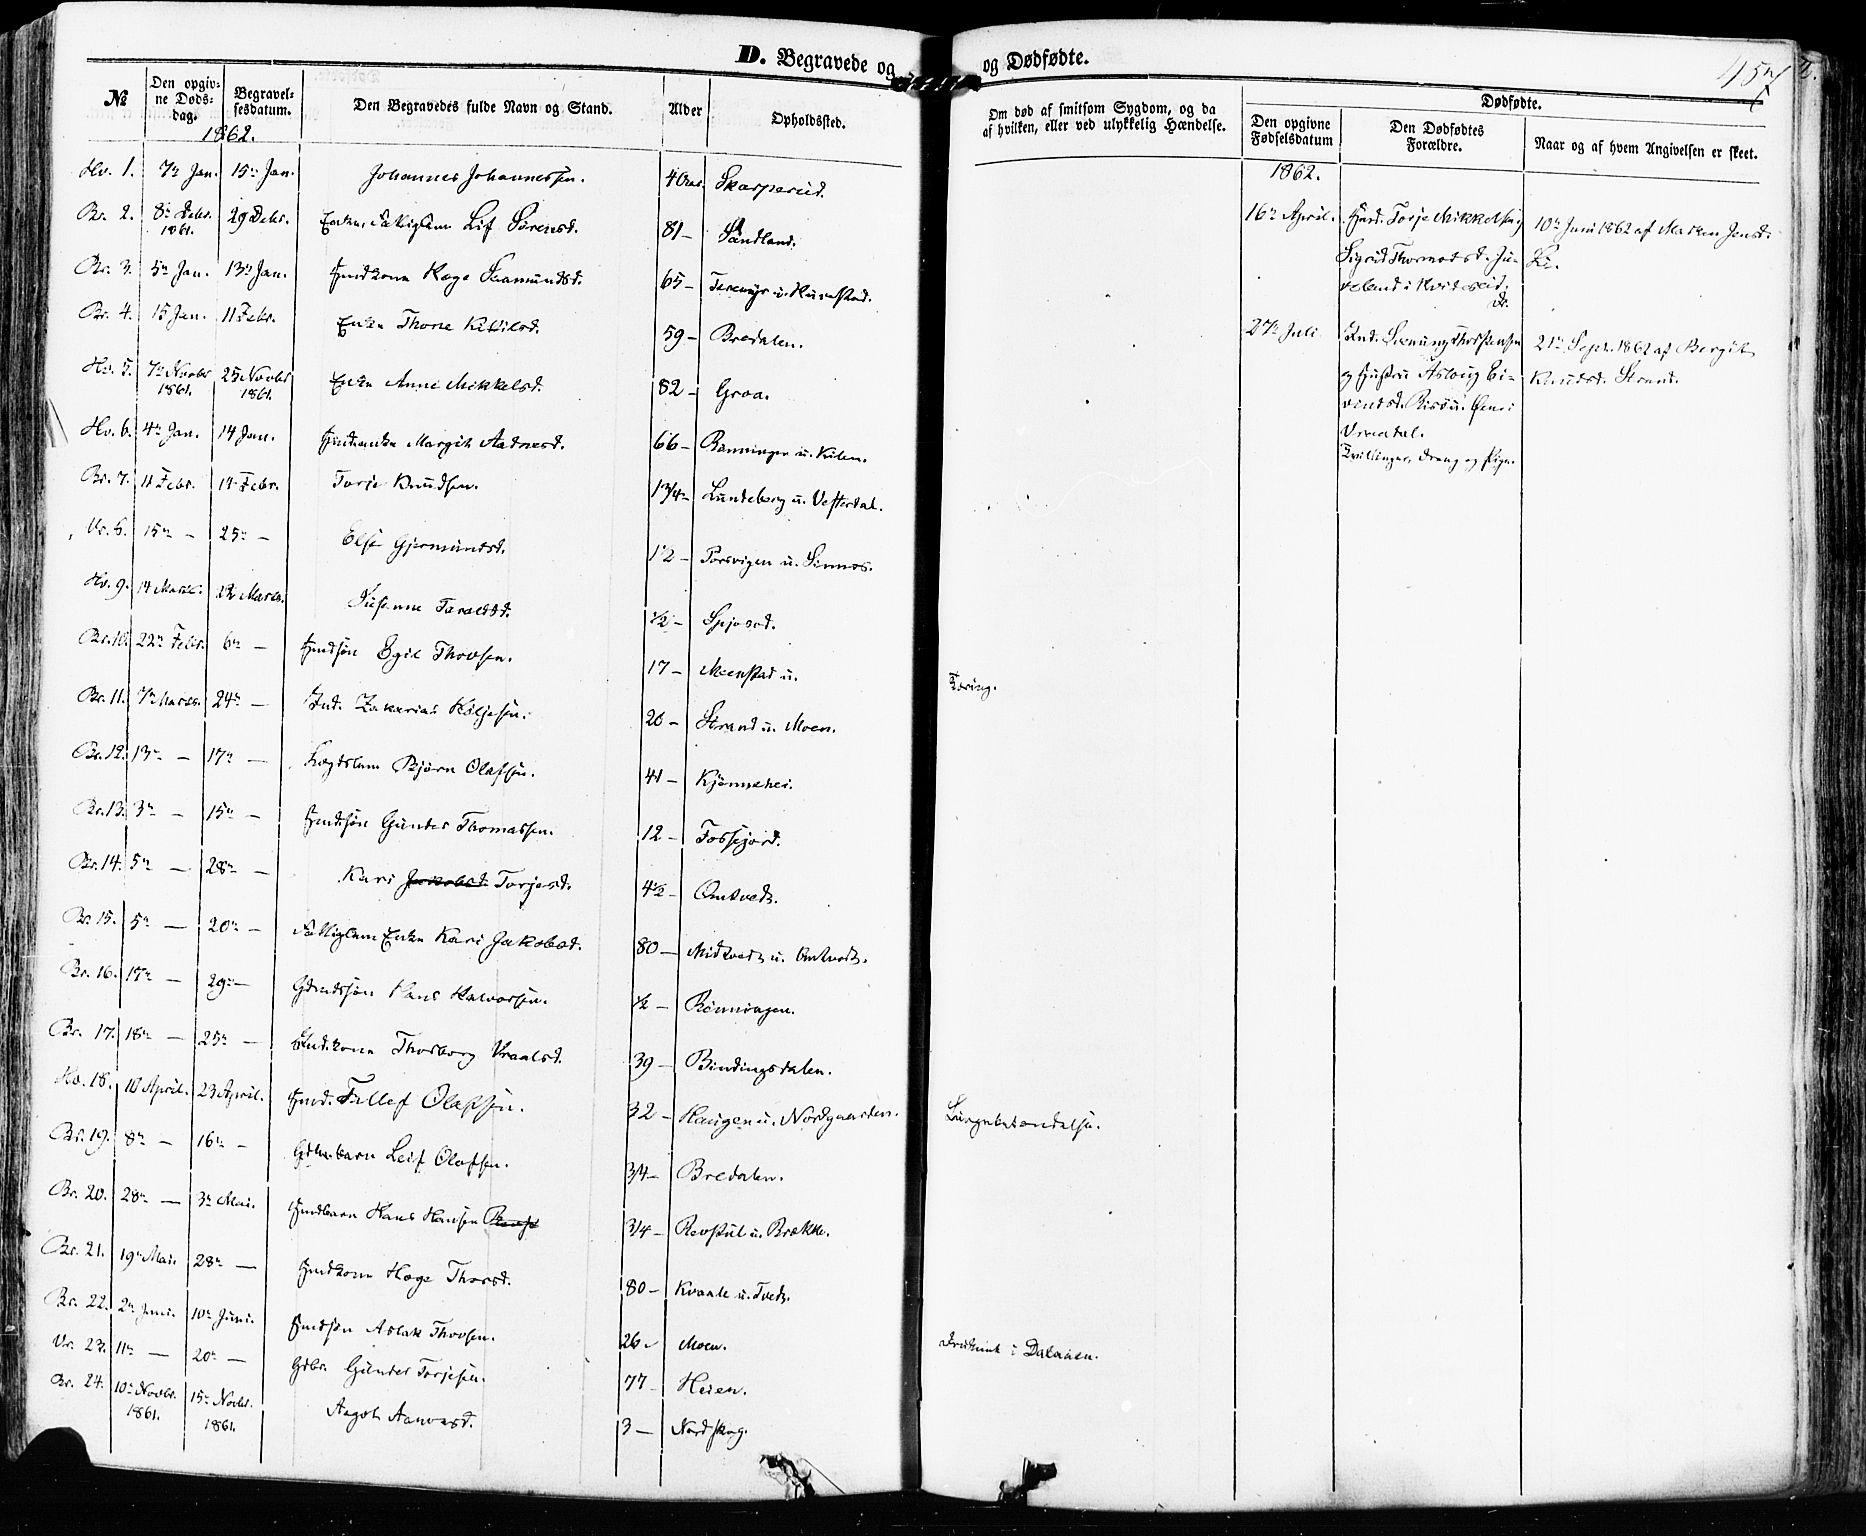 SAKO, Kviteseid kirkebøker, F/Fa/L0007: Ministerialbok nr. I 7, 1859-1881, s. 457